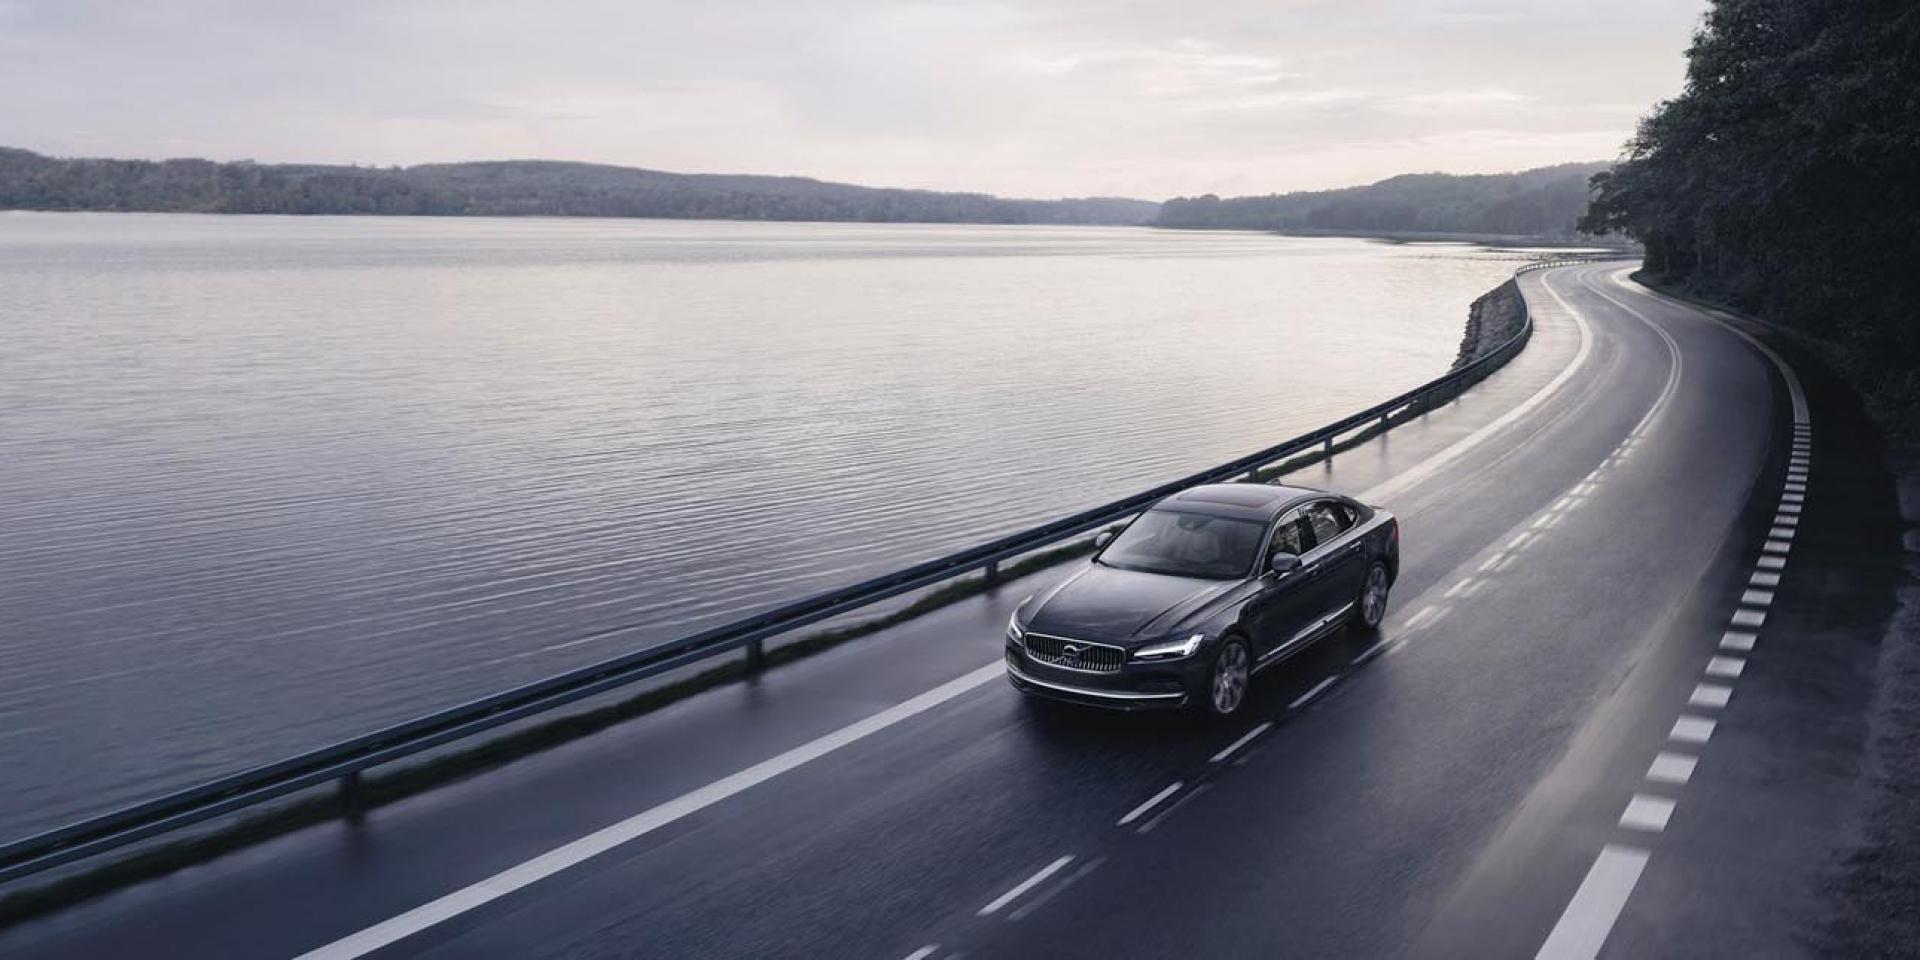 踩到底180km/h?Volvo新車極速將被限制在180km/h